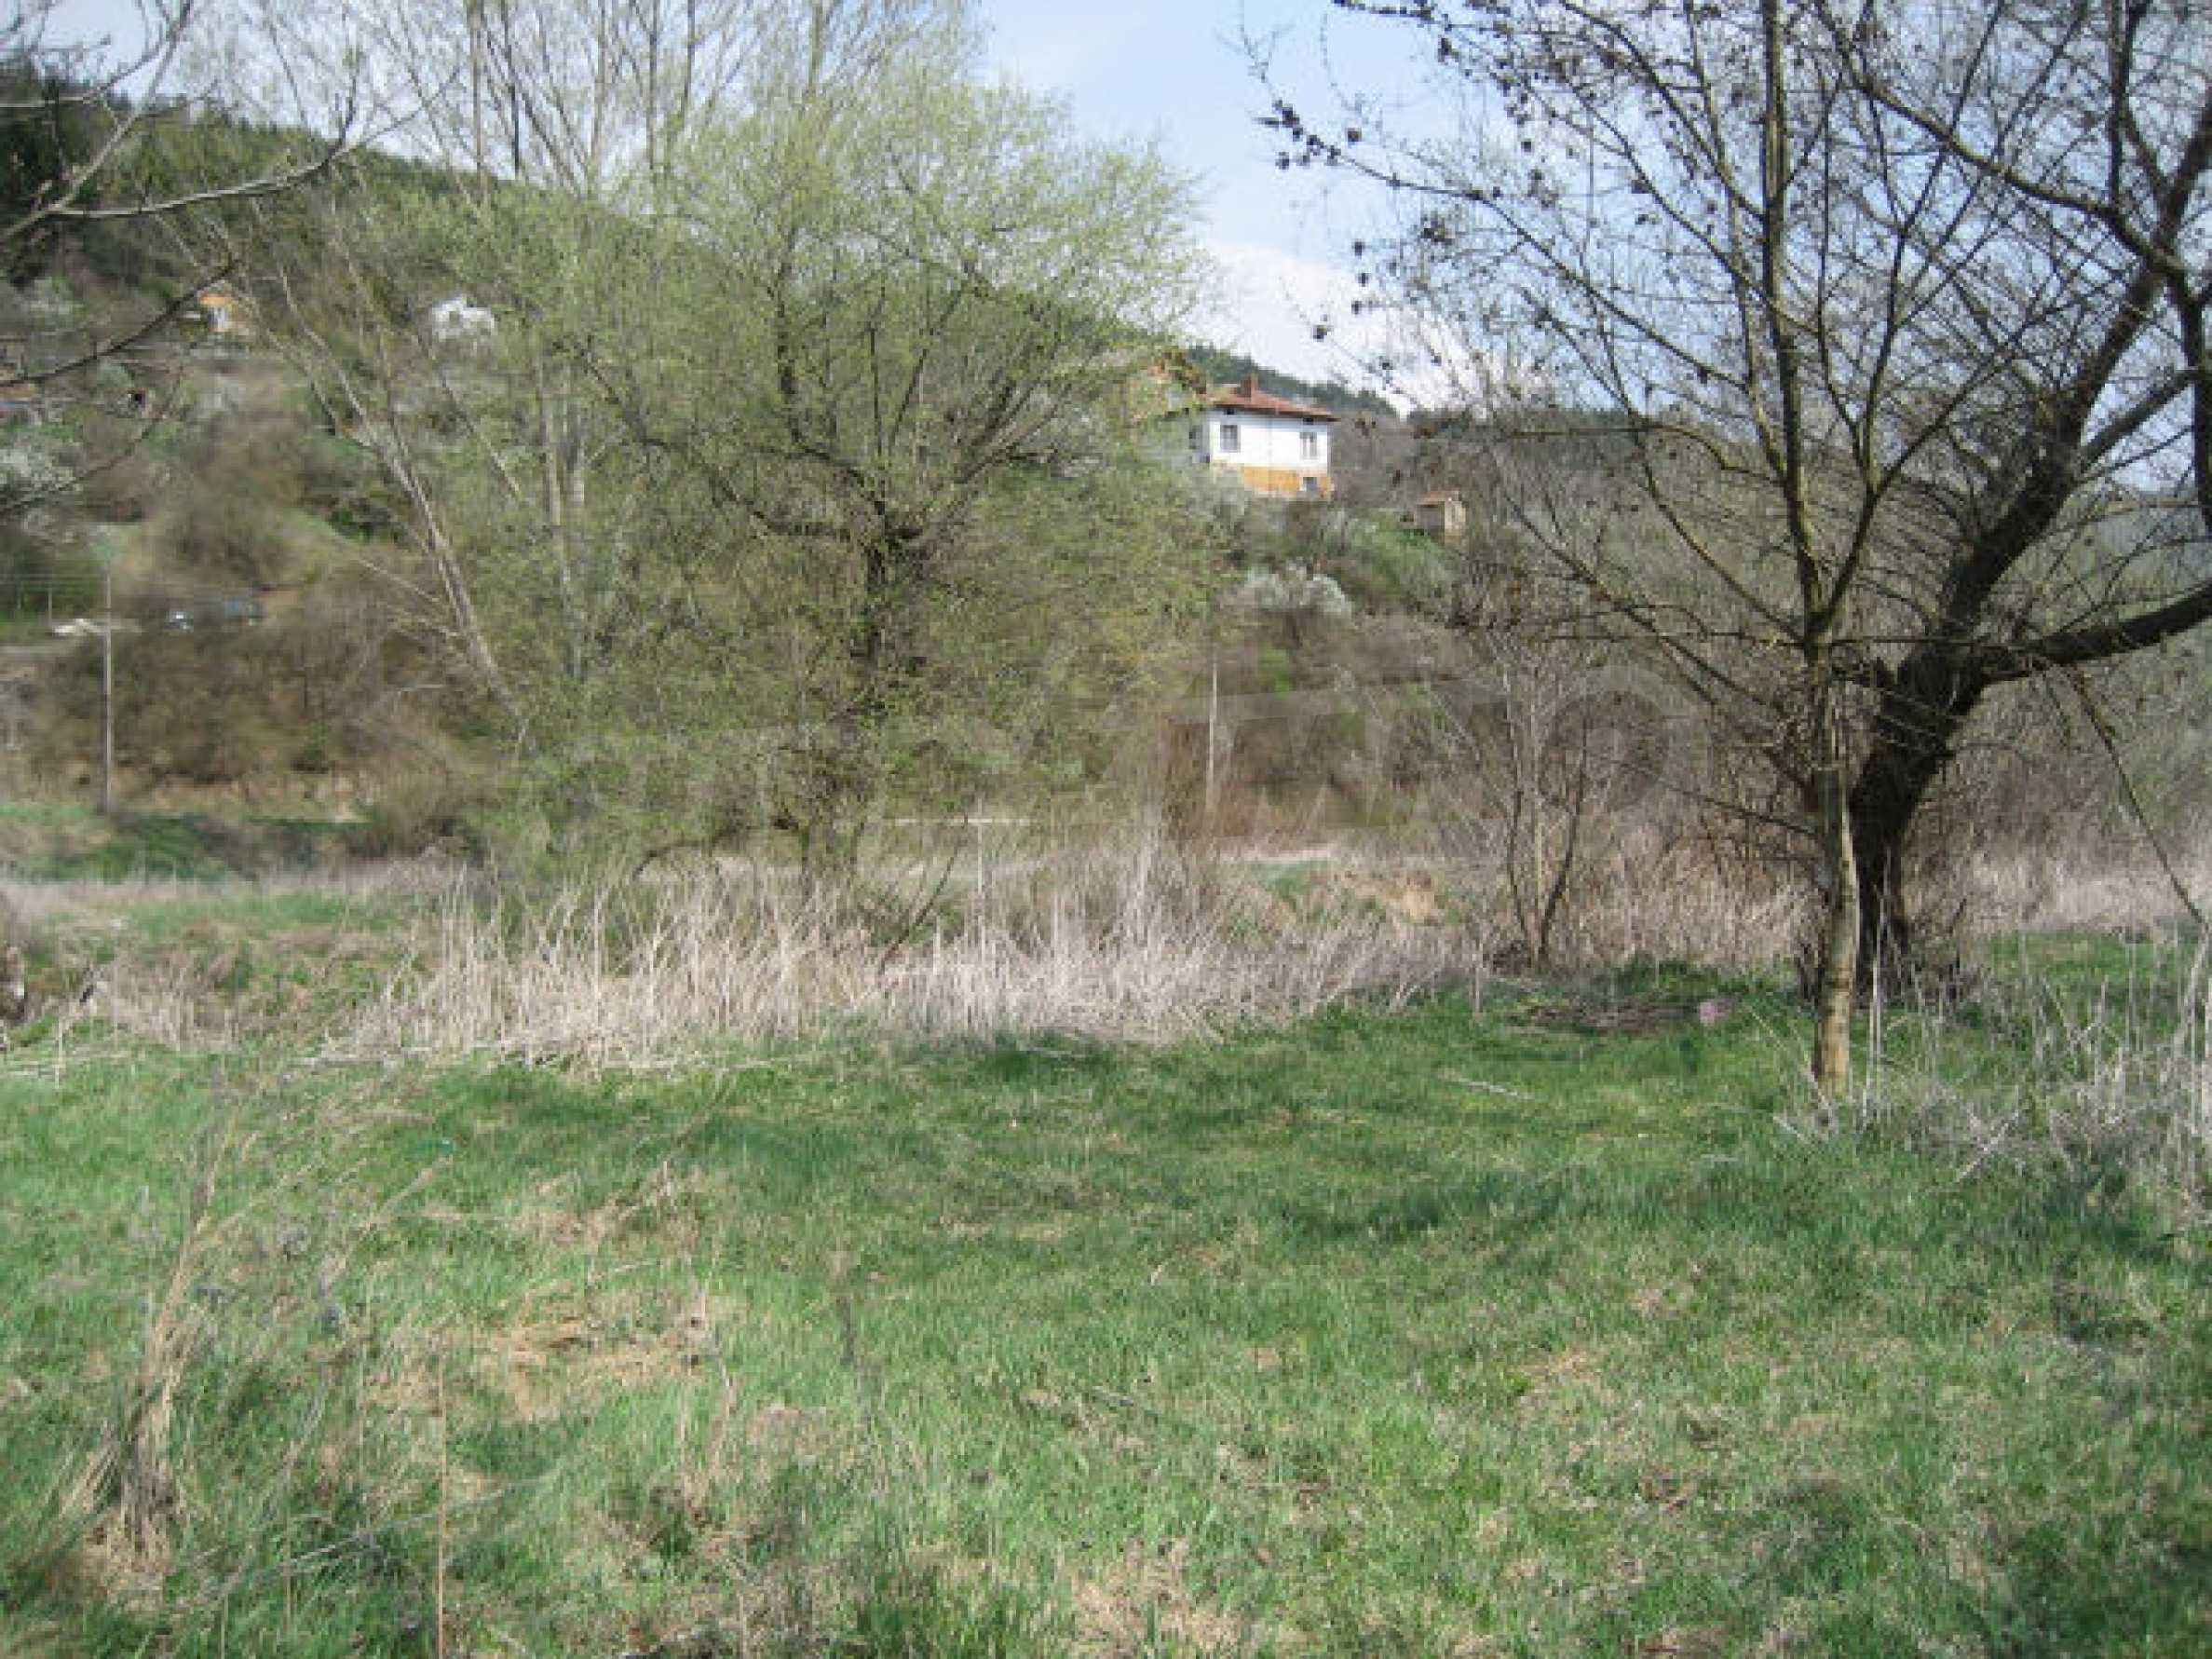 Сельскохозяйственная земля вблизи г. София 4